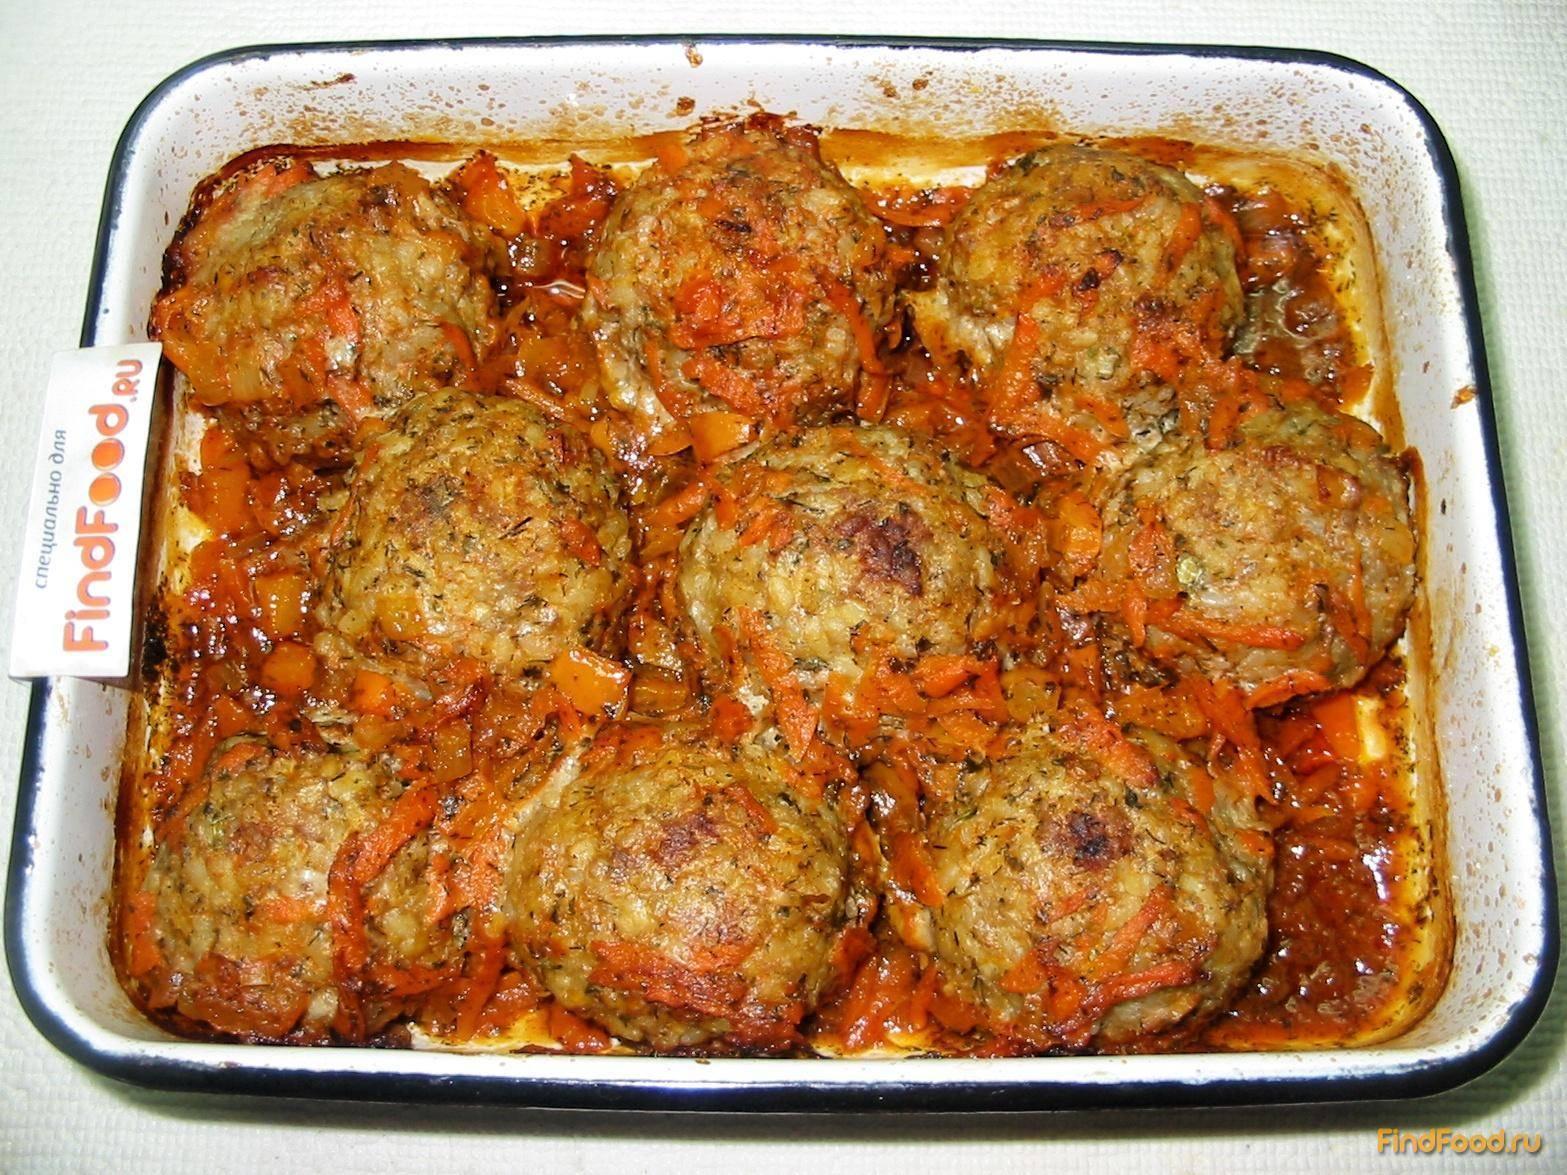 Рыбные тефтели в томатном соусе рецепт с фото - 1000.menu